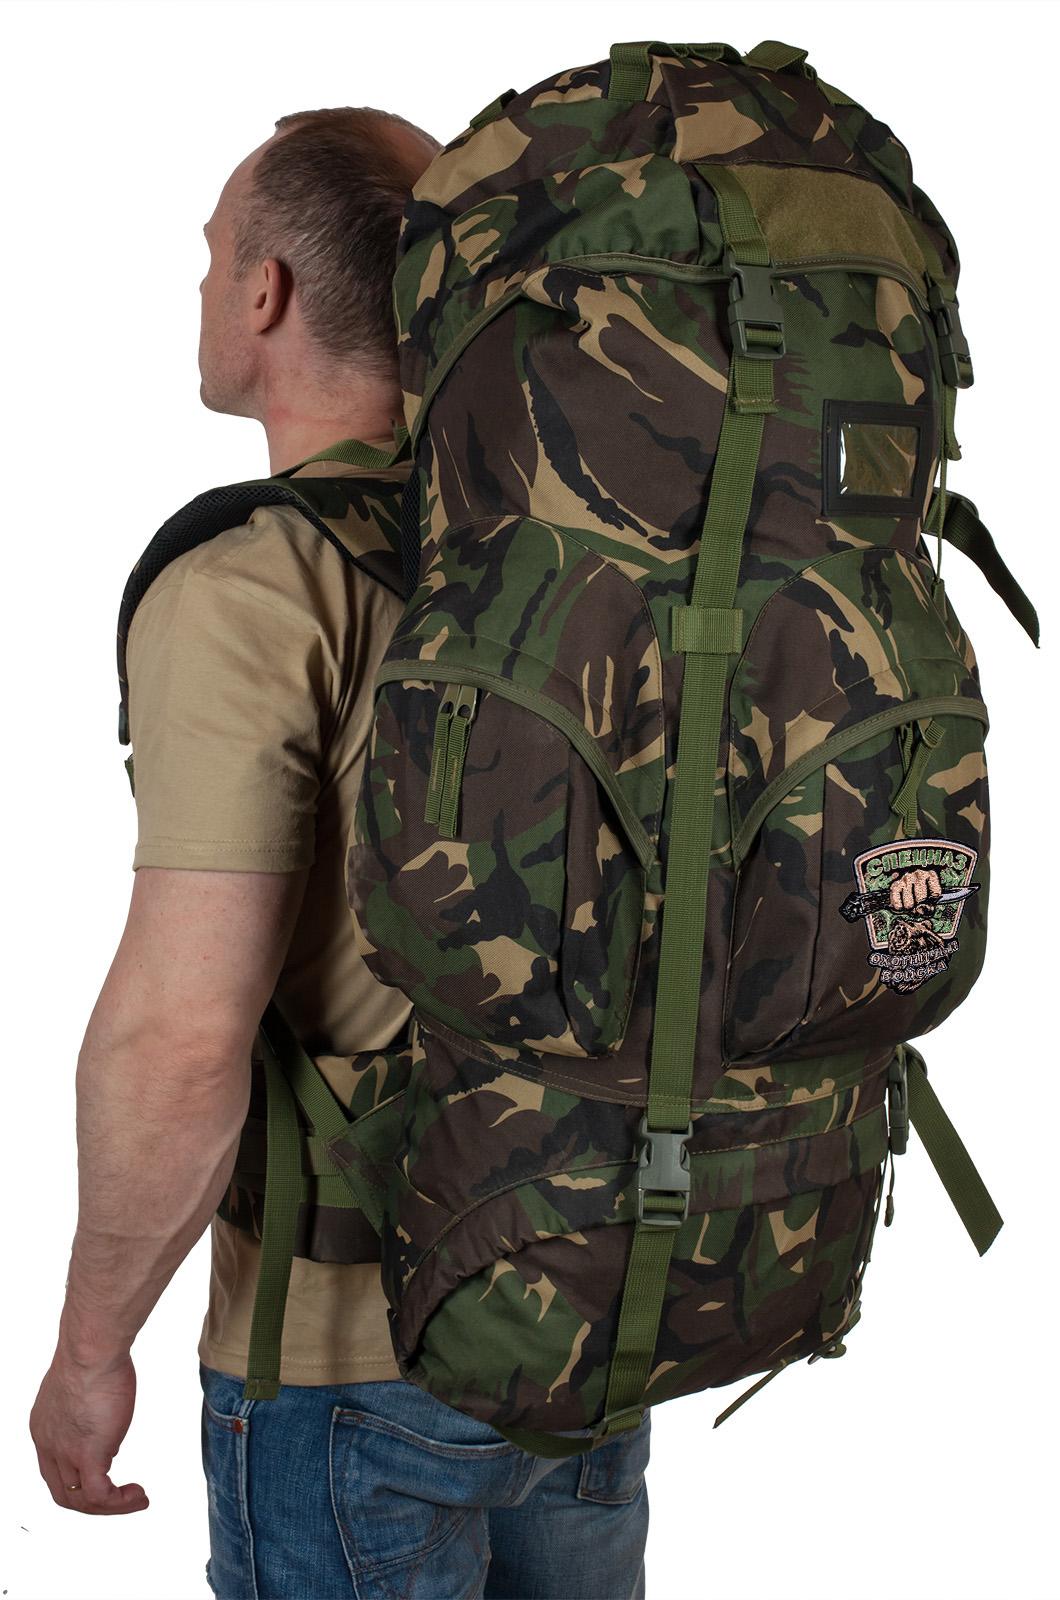 Заказать большой тактический рюкзак с нашивкой Охотничий спецназ